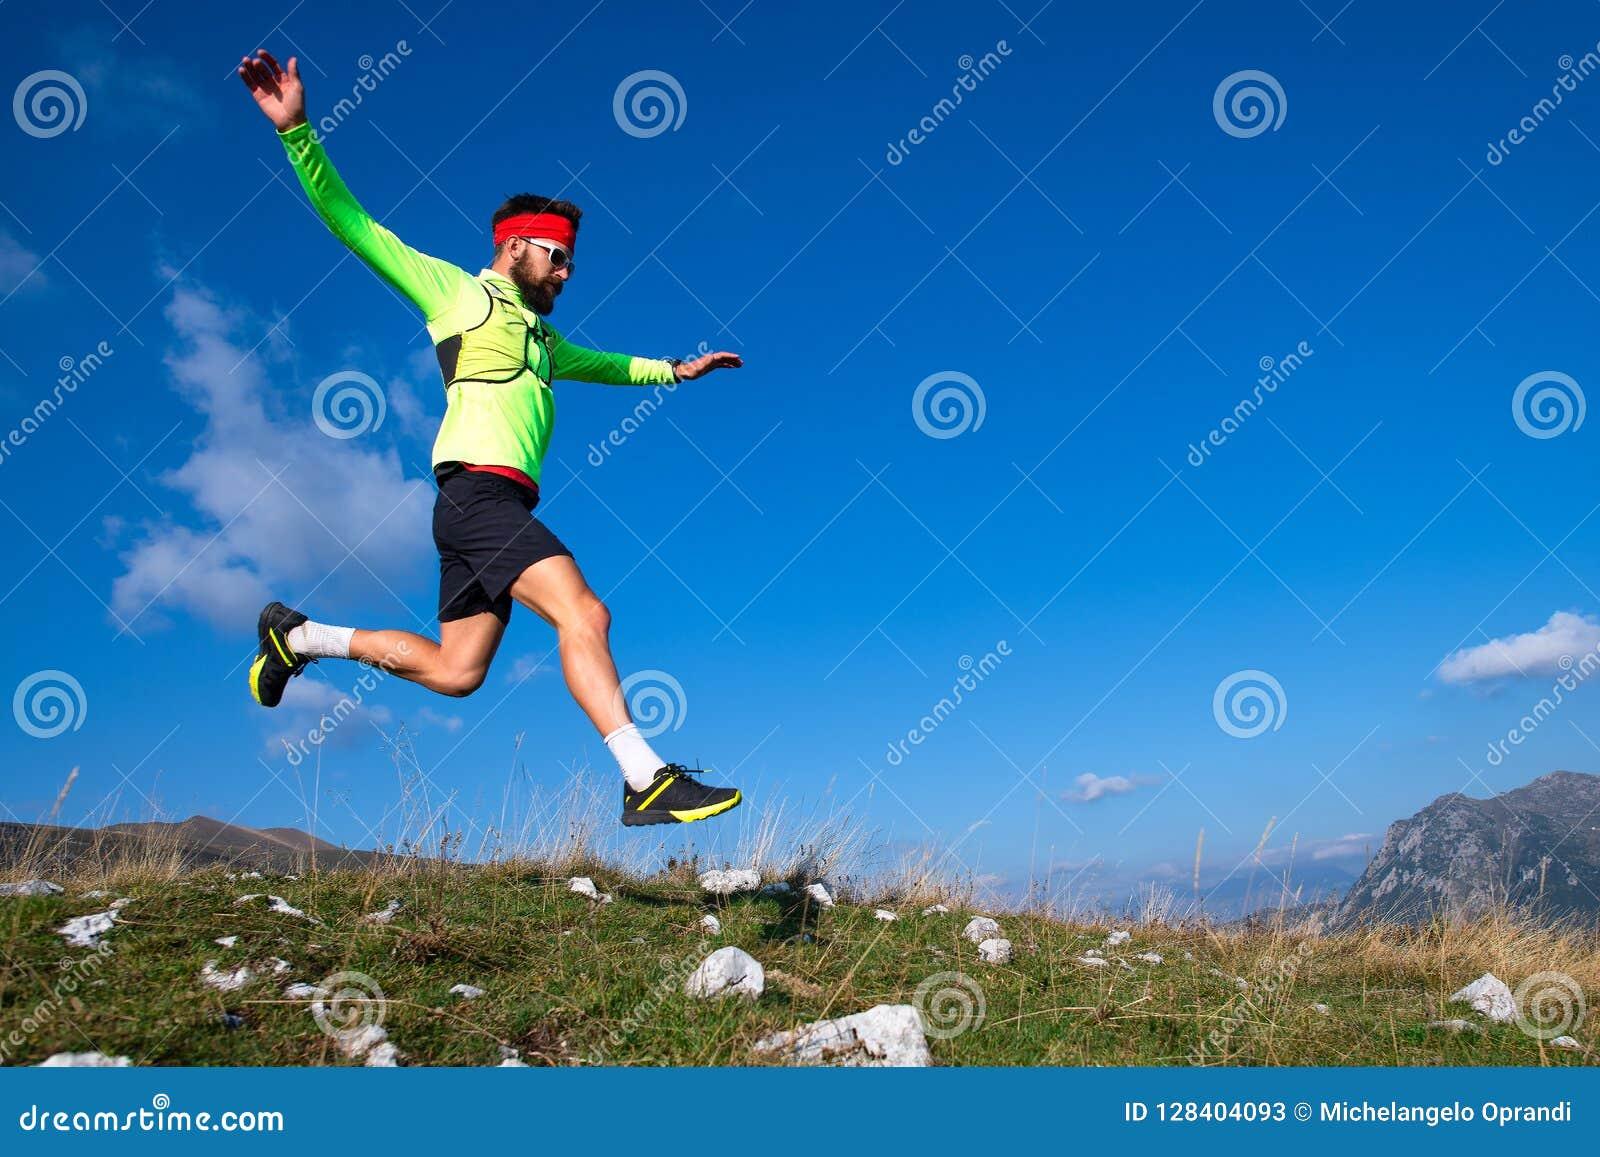 Skyrunner während eines abschüssigen Sprunges in den Bergwiesen